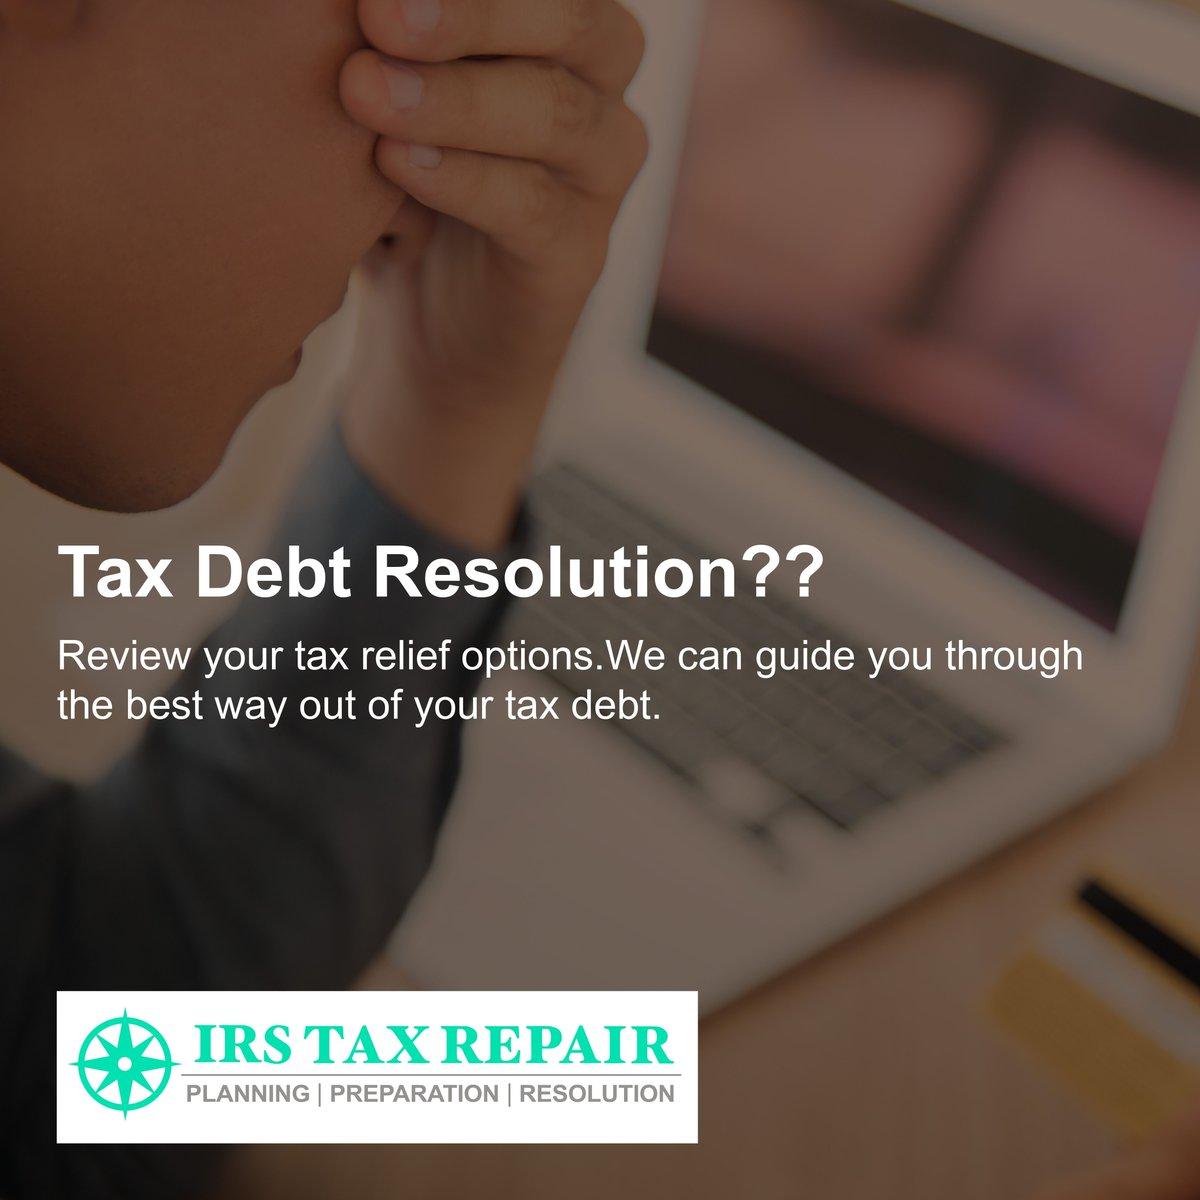 IRS Tax Repair on Twitter: